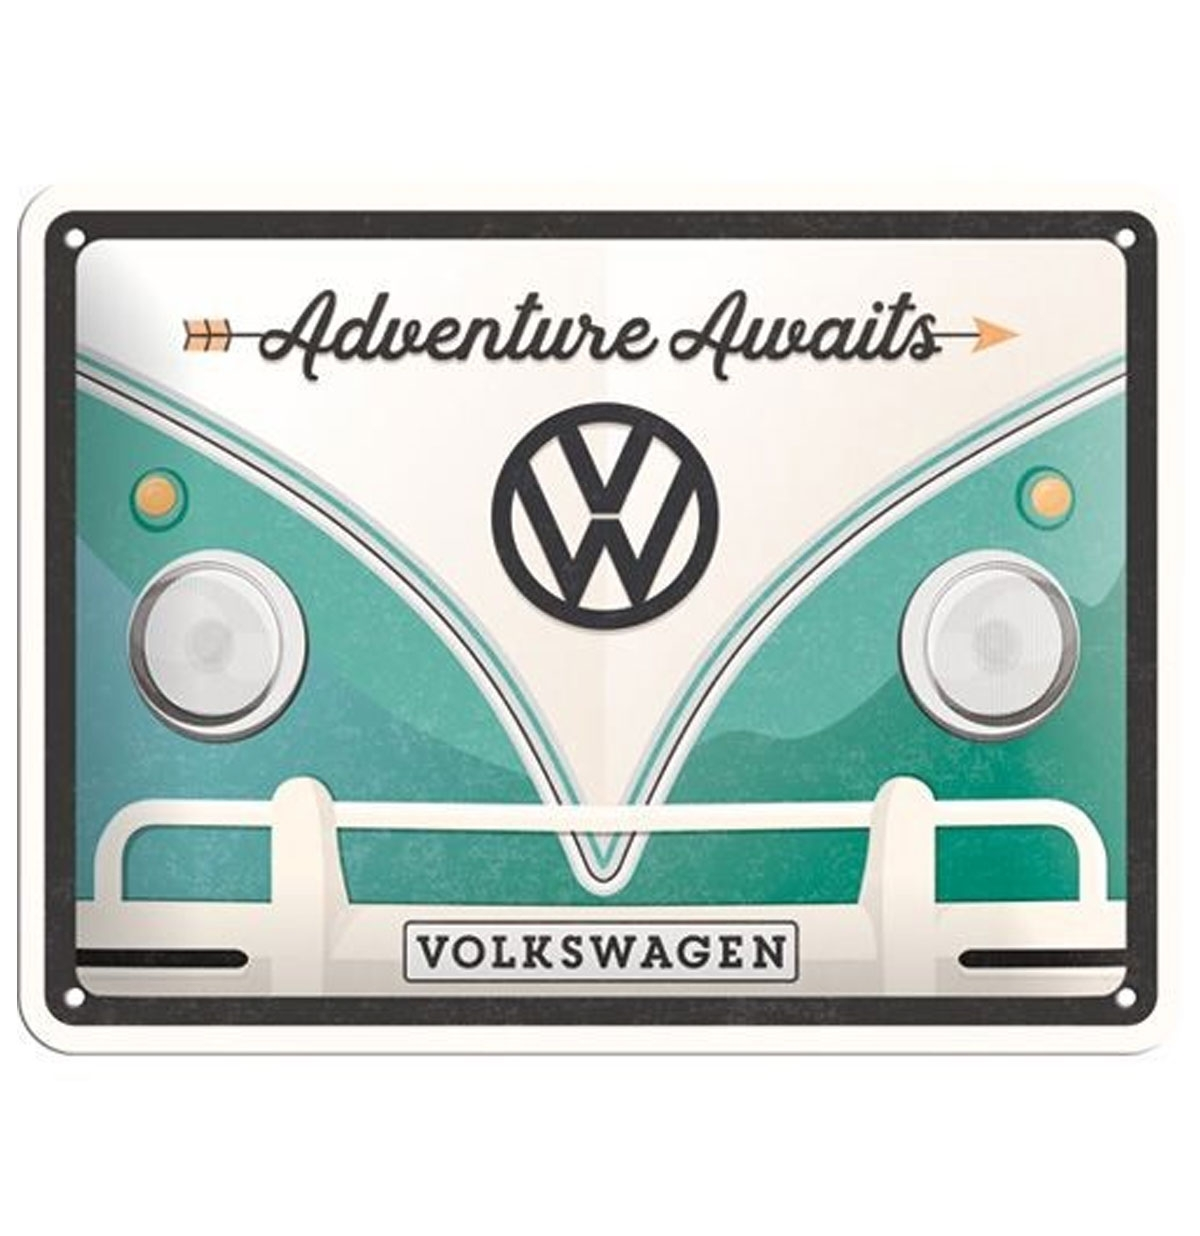 Volkswagen Adventure Awaits Metal Sign 15 x 20 cm